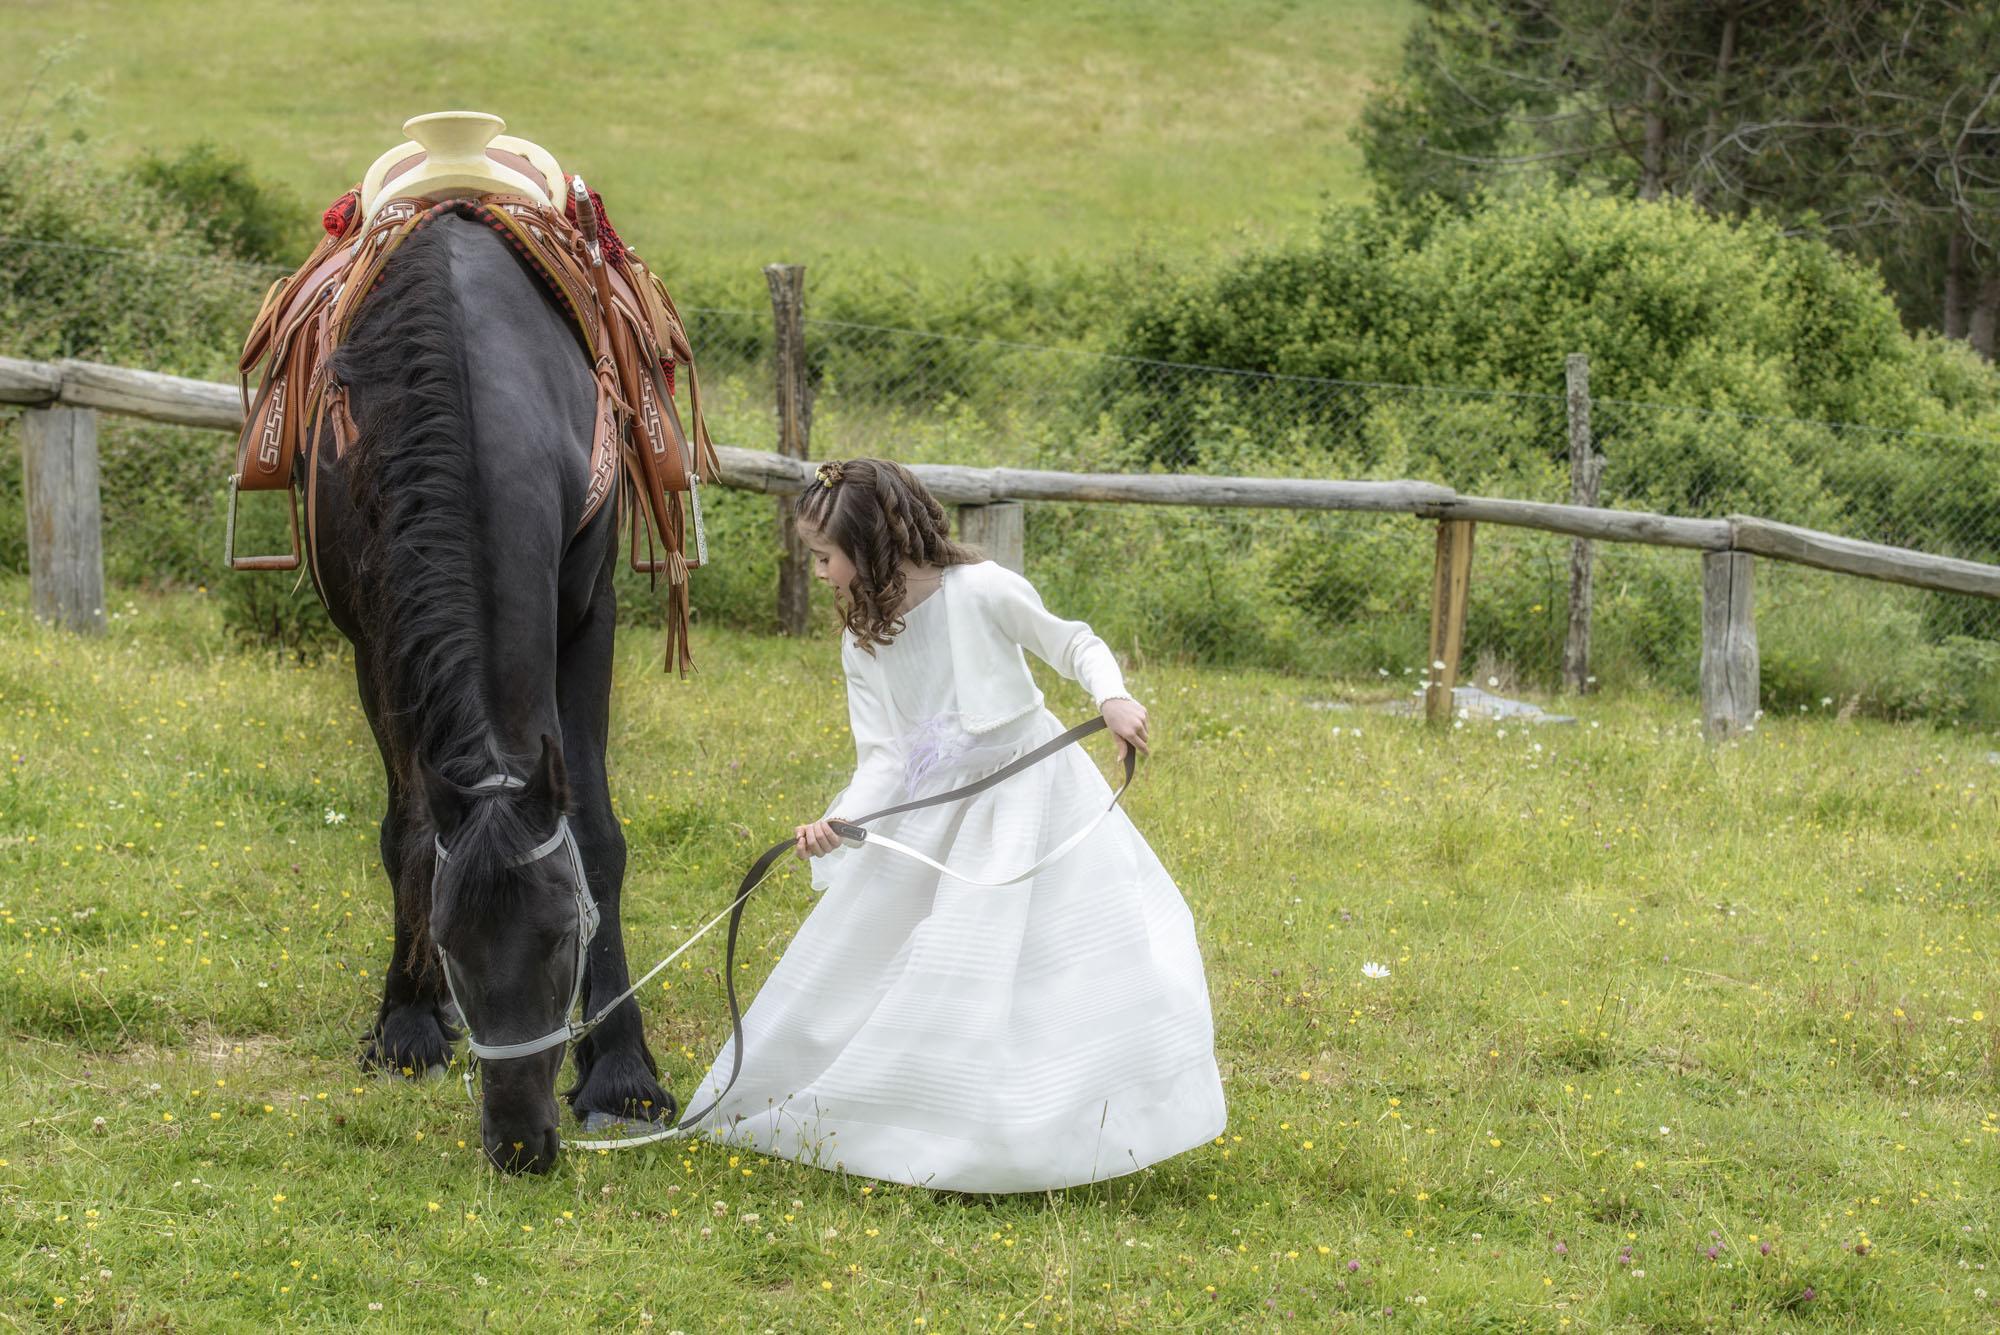 El que se ve en las fotos publicadas en mis redes sociales o web (violines, pianos, caballos, balones, …) es parte de la personalidad del niño, ya que se trata de sus aficiones o actividades preferidas.